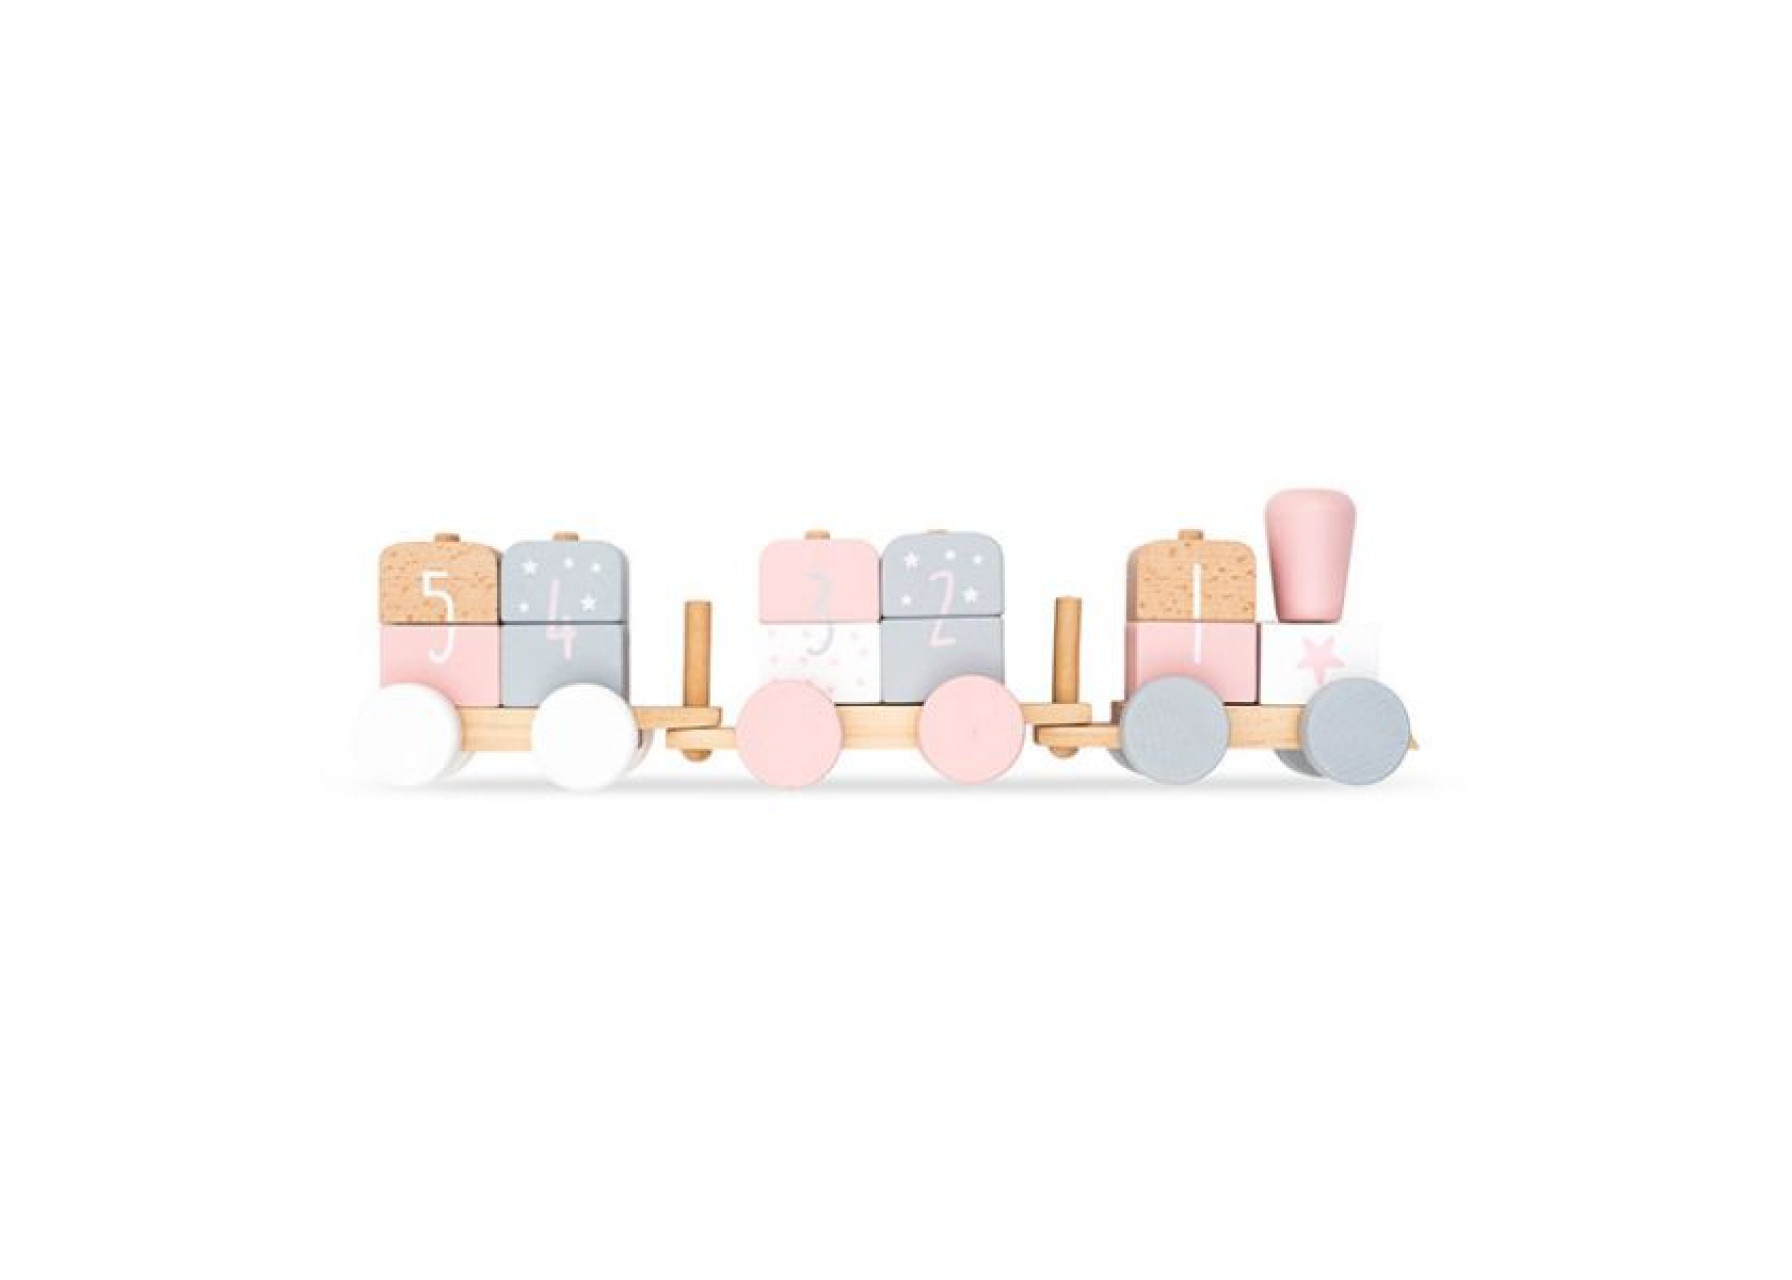 Ξύλινο παιχνίδι / Ροζ τρενάκι